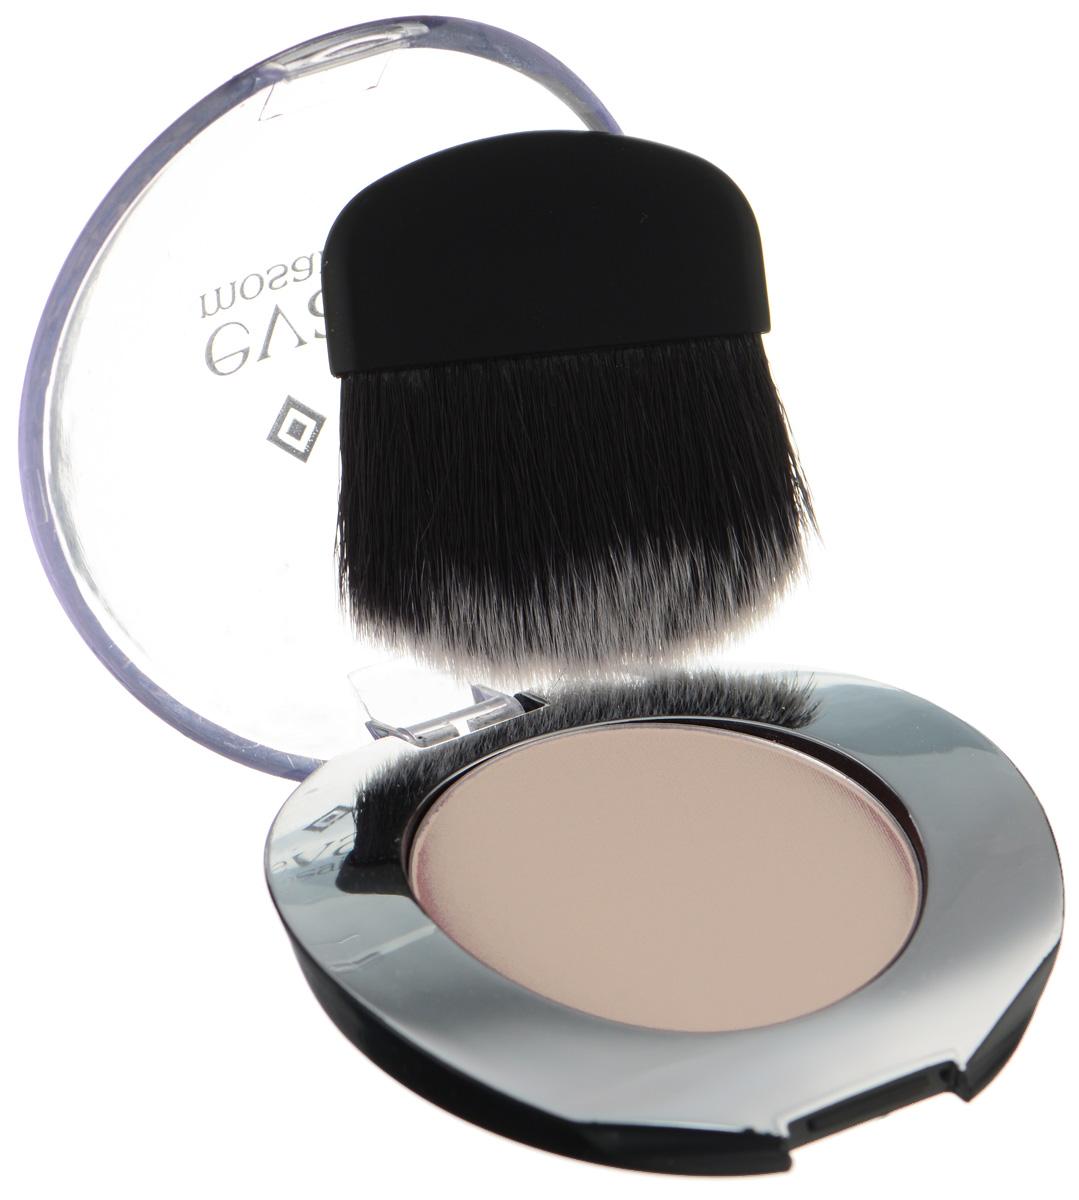 Eva Mosaic Хайлайтер для лица, 3,5 г, 10 Шампань769629придает золотистое мерцание, идеален для загорелой или смуглой кожи.